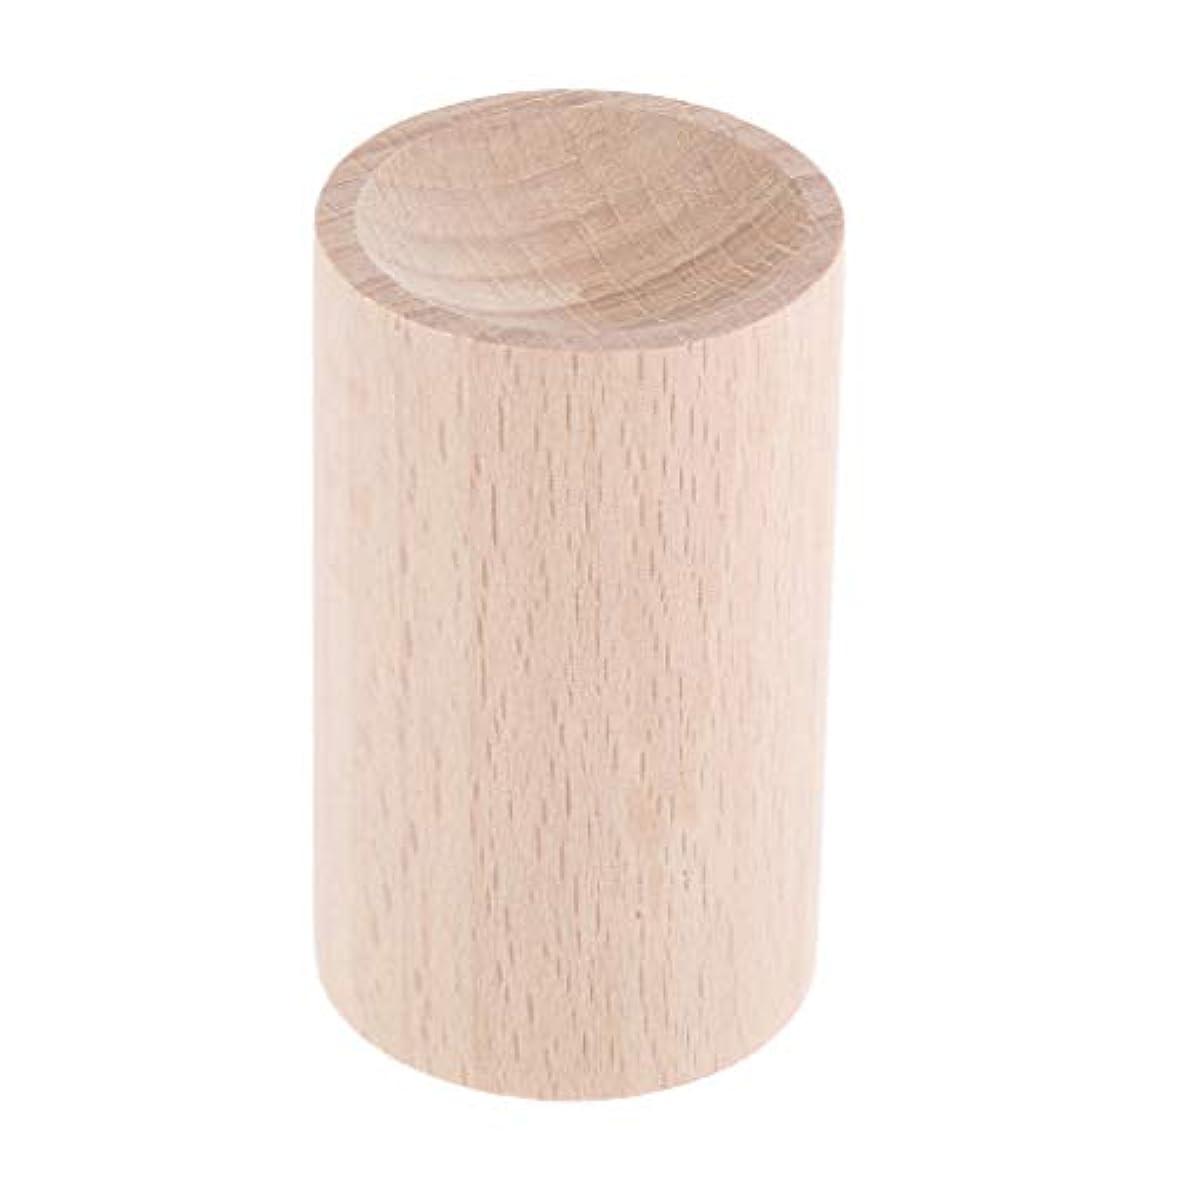 戦争叫ぶそこからD DOLITY 天然木 ハンドメイド 手作り 空気清浄 エッセンシャルオイル 香水 アロマディフューザー 2種選ぶ - 01, 3.2cm